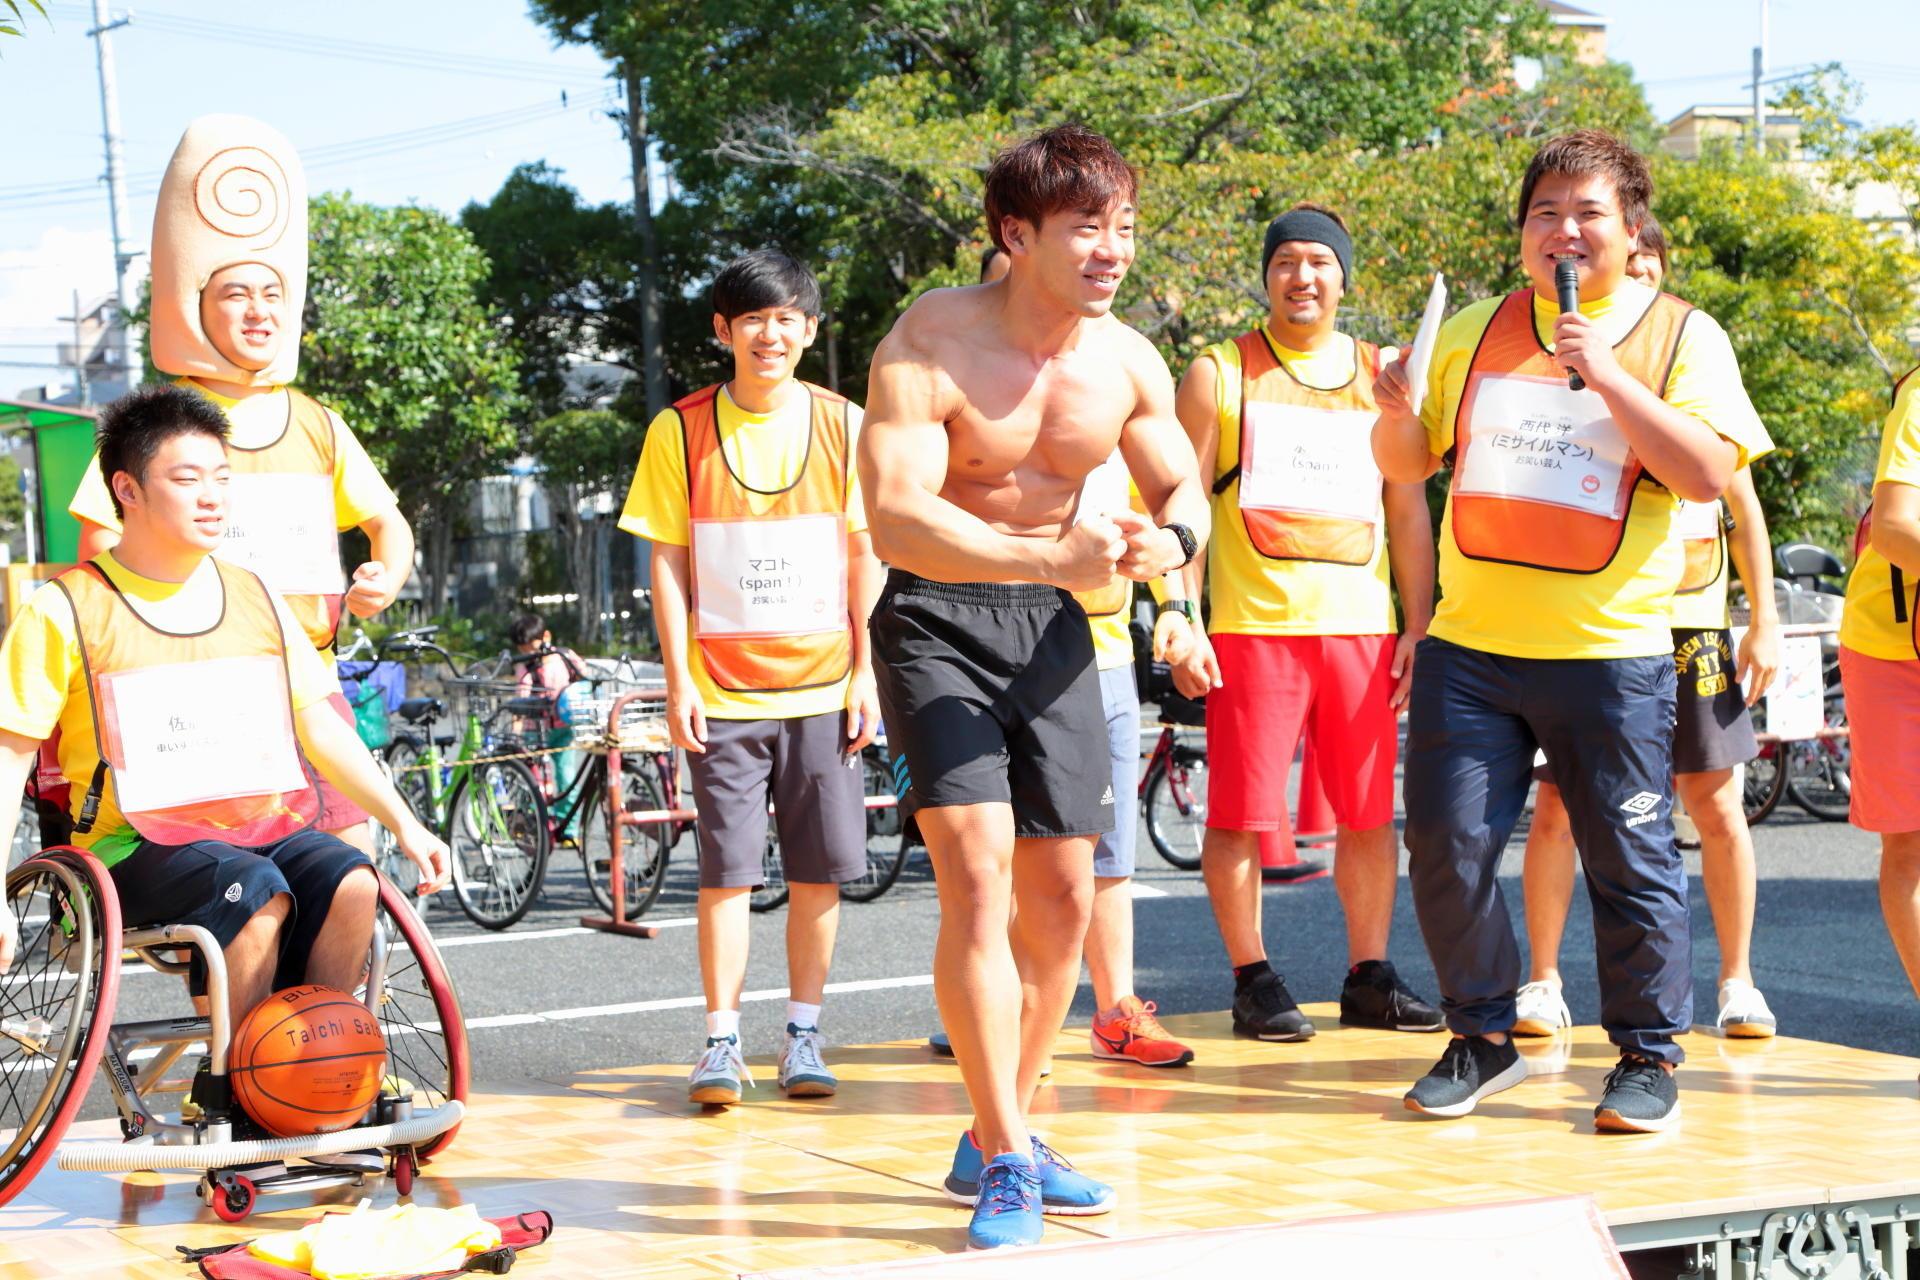 http://news.yoshimoto.co.jp/20171012101810-4ea55385603b1c59d4a178d16143b88cedfd17cc.jpg